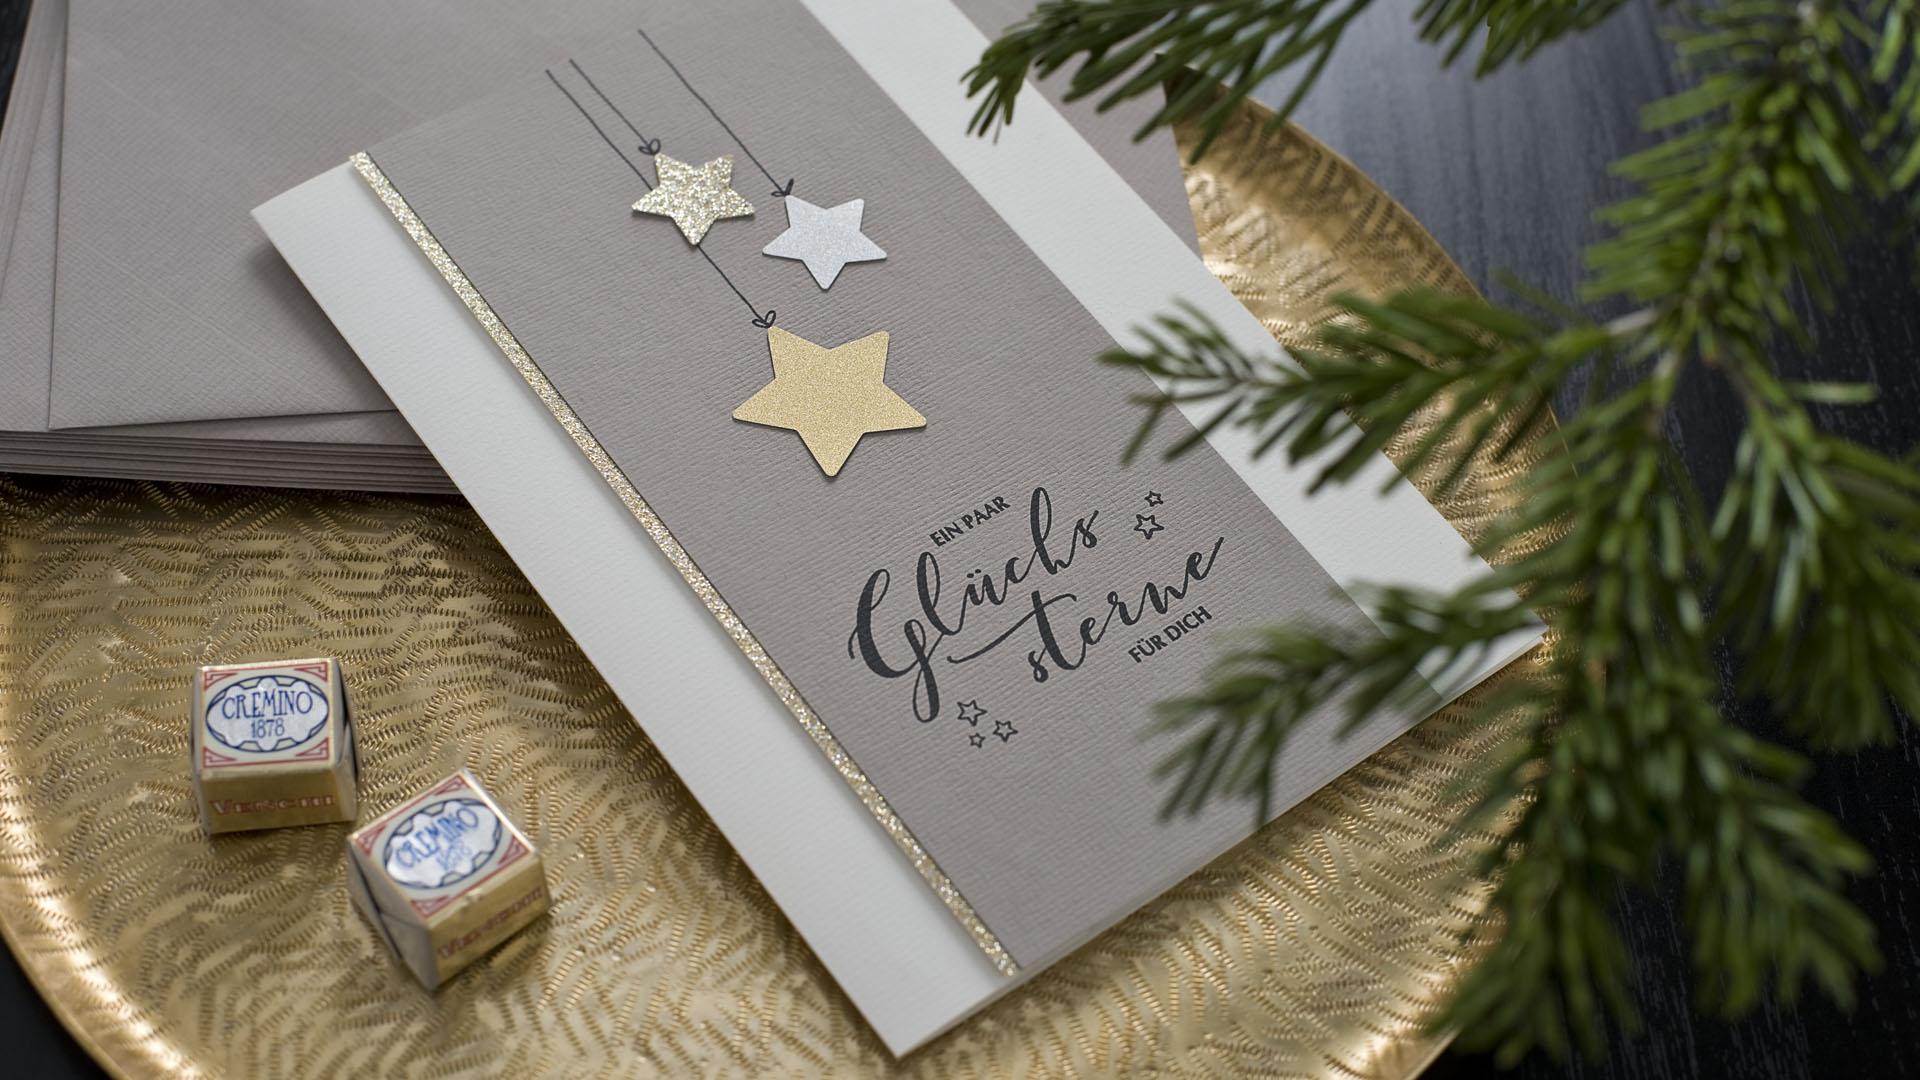 Ideen für die Weihnachtspost: Sternenglanz